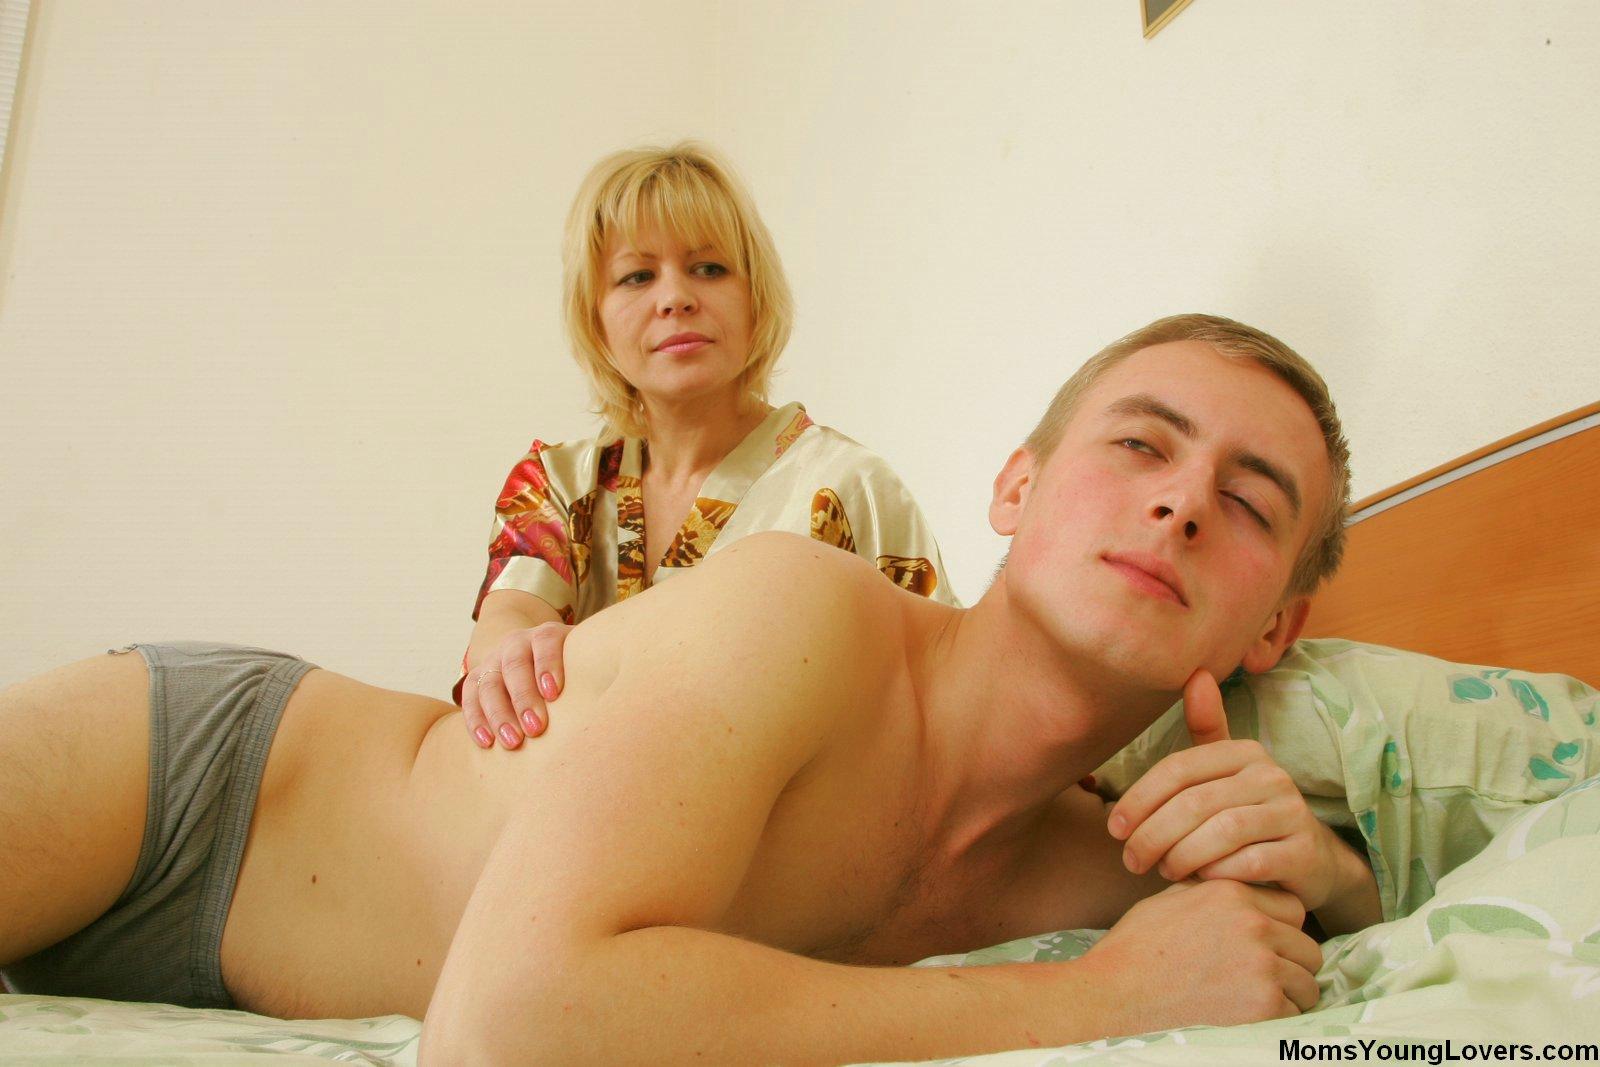 Син смотрит как дрочит мать 17 фотография